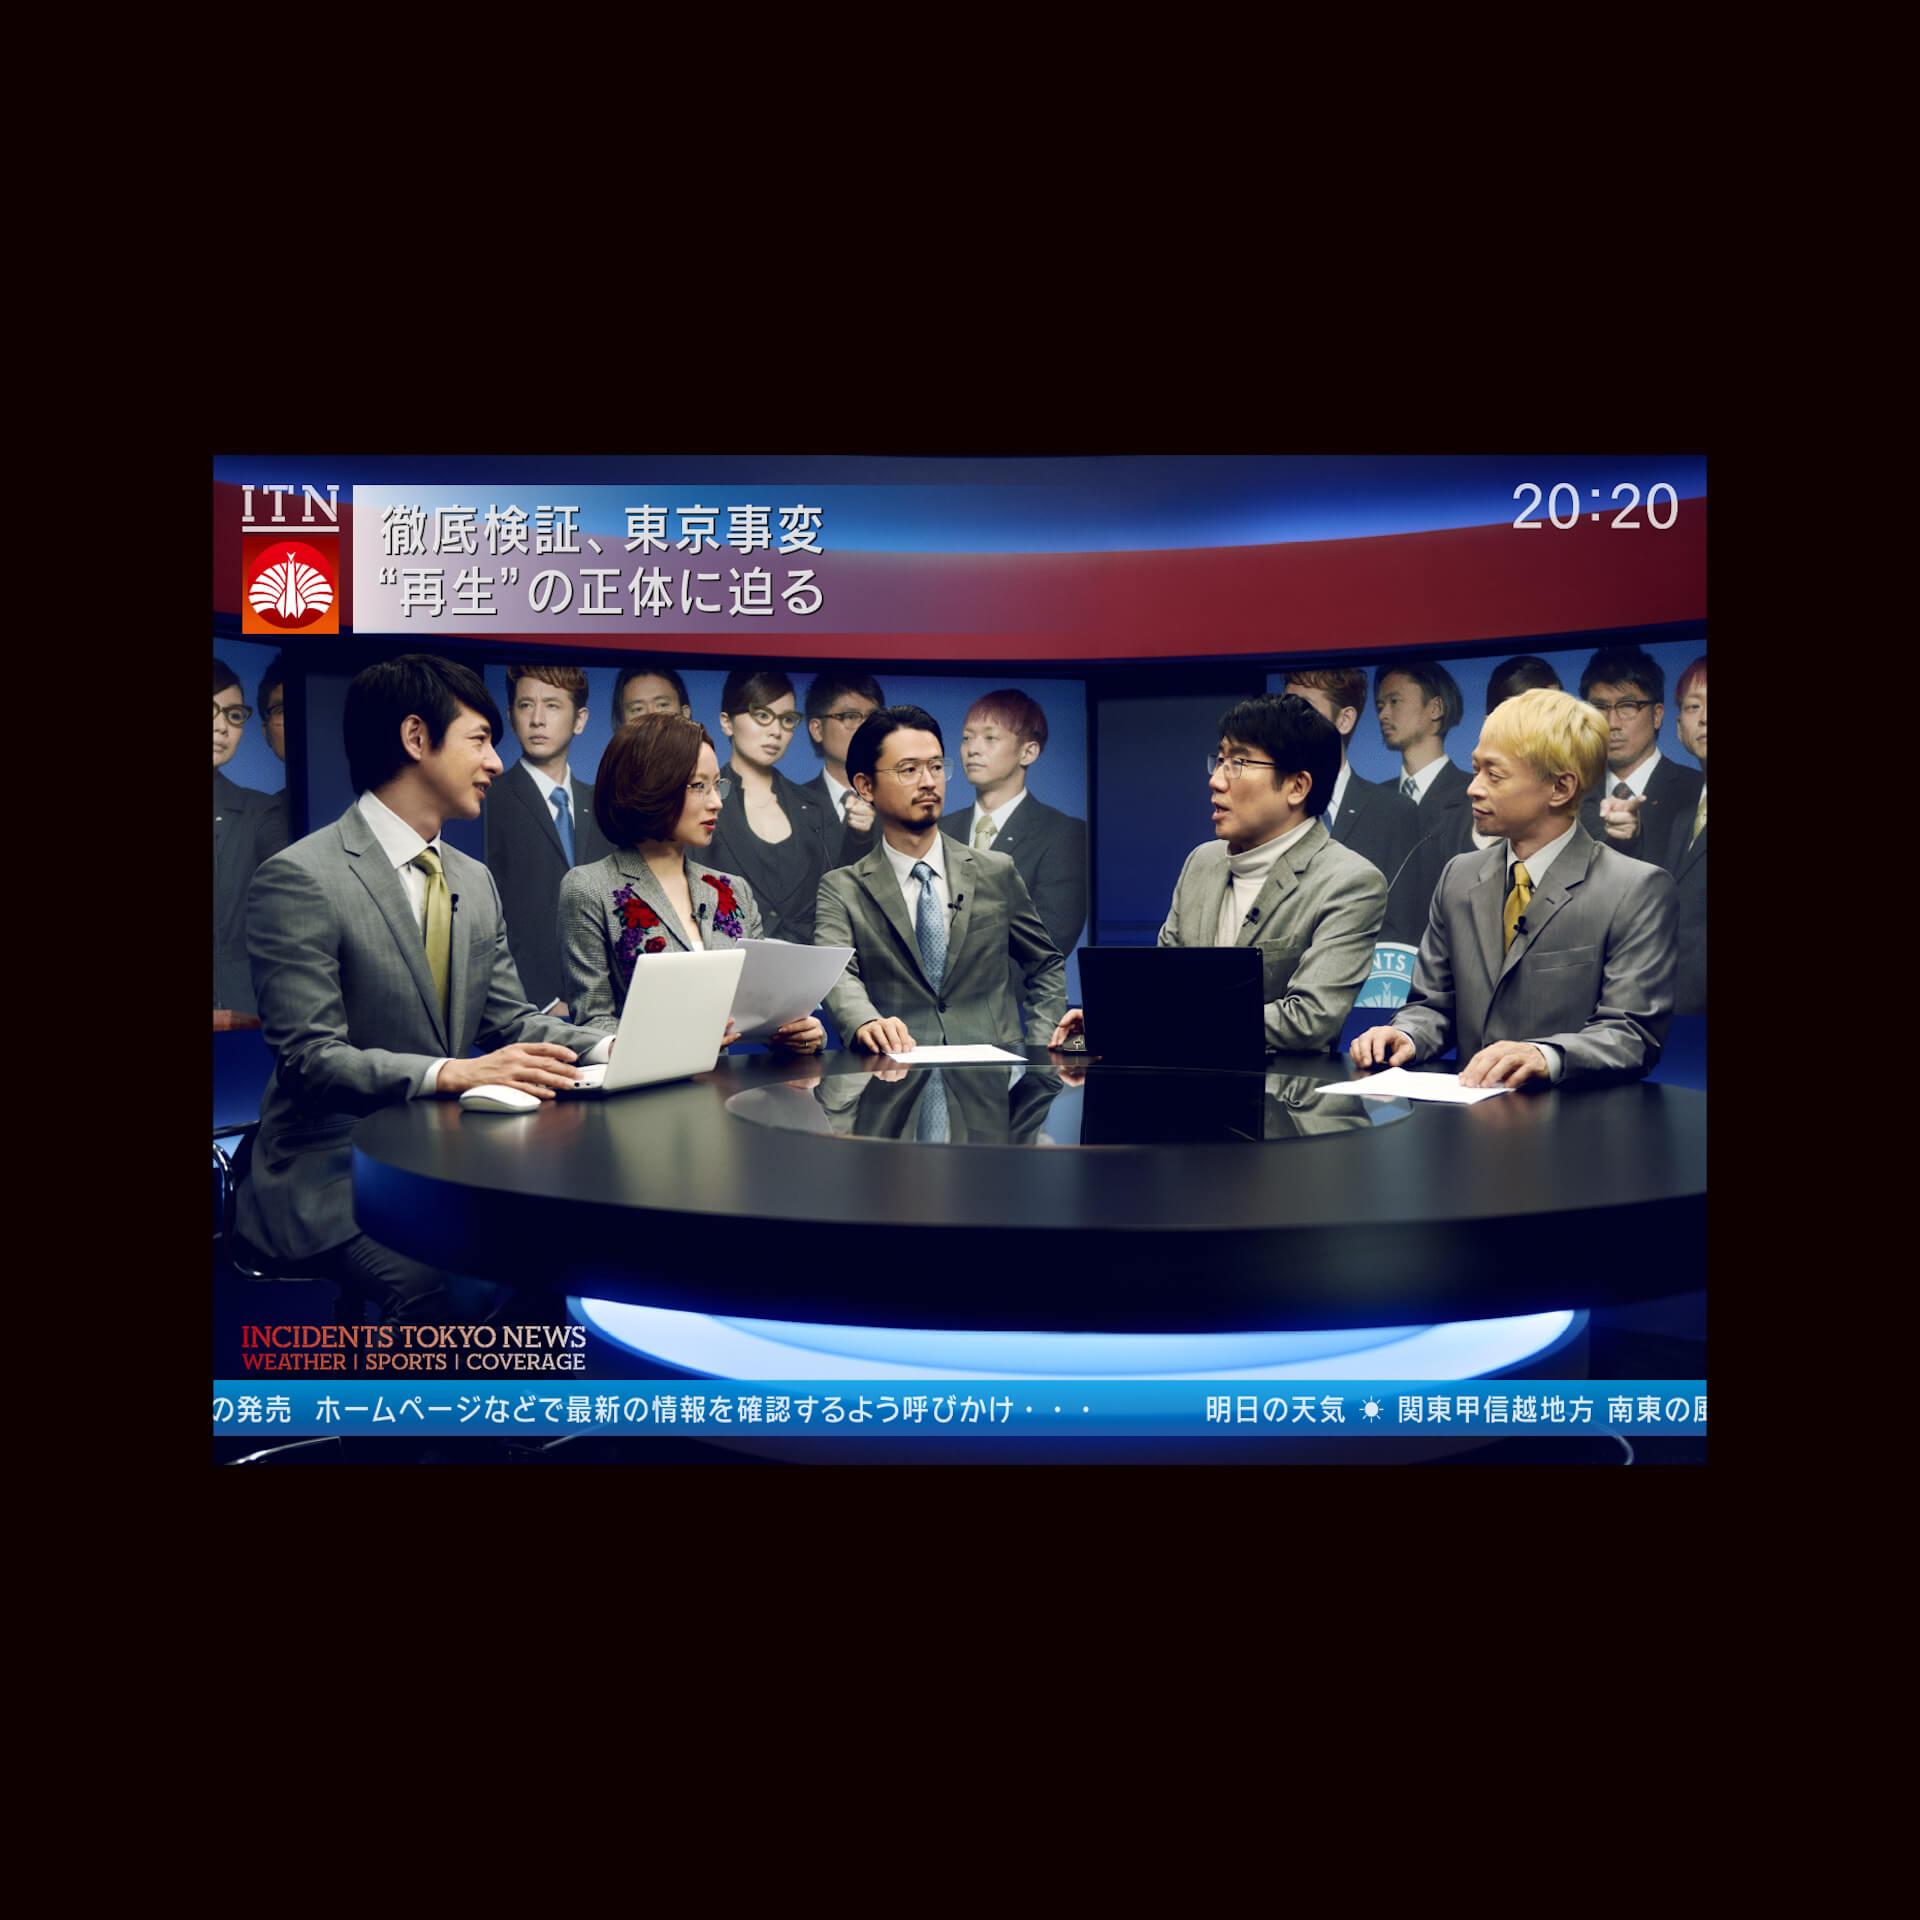 『名探偵コナン 緋色の弾丸』の主題歌を務めるのは東京事変!椎名林檎作詞作曲「永遠の不在証明」を起用した最新予告篇解禁 film200228_conan_tokyoincident_1